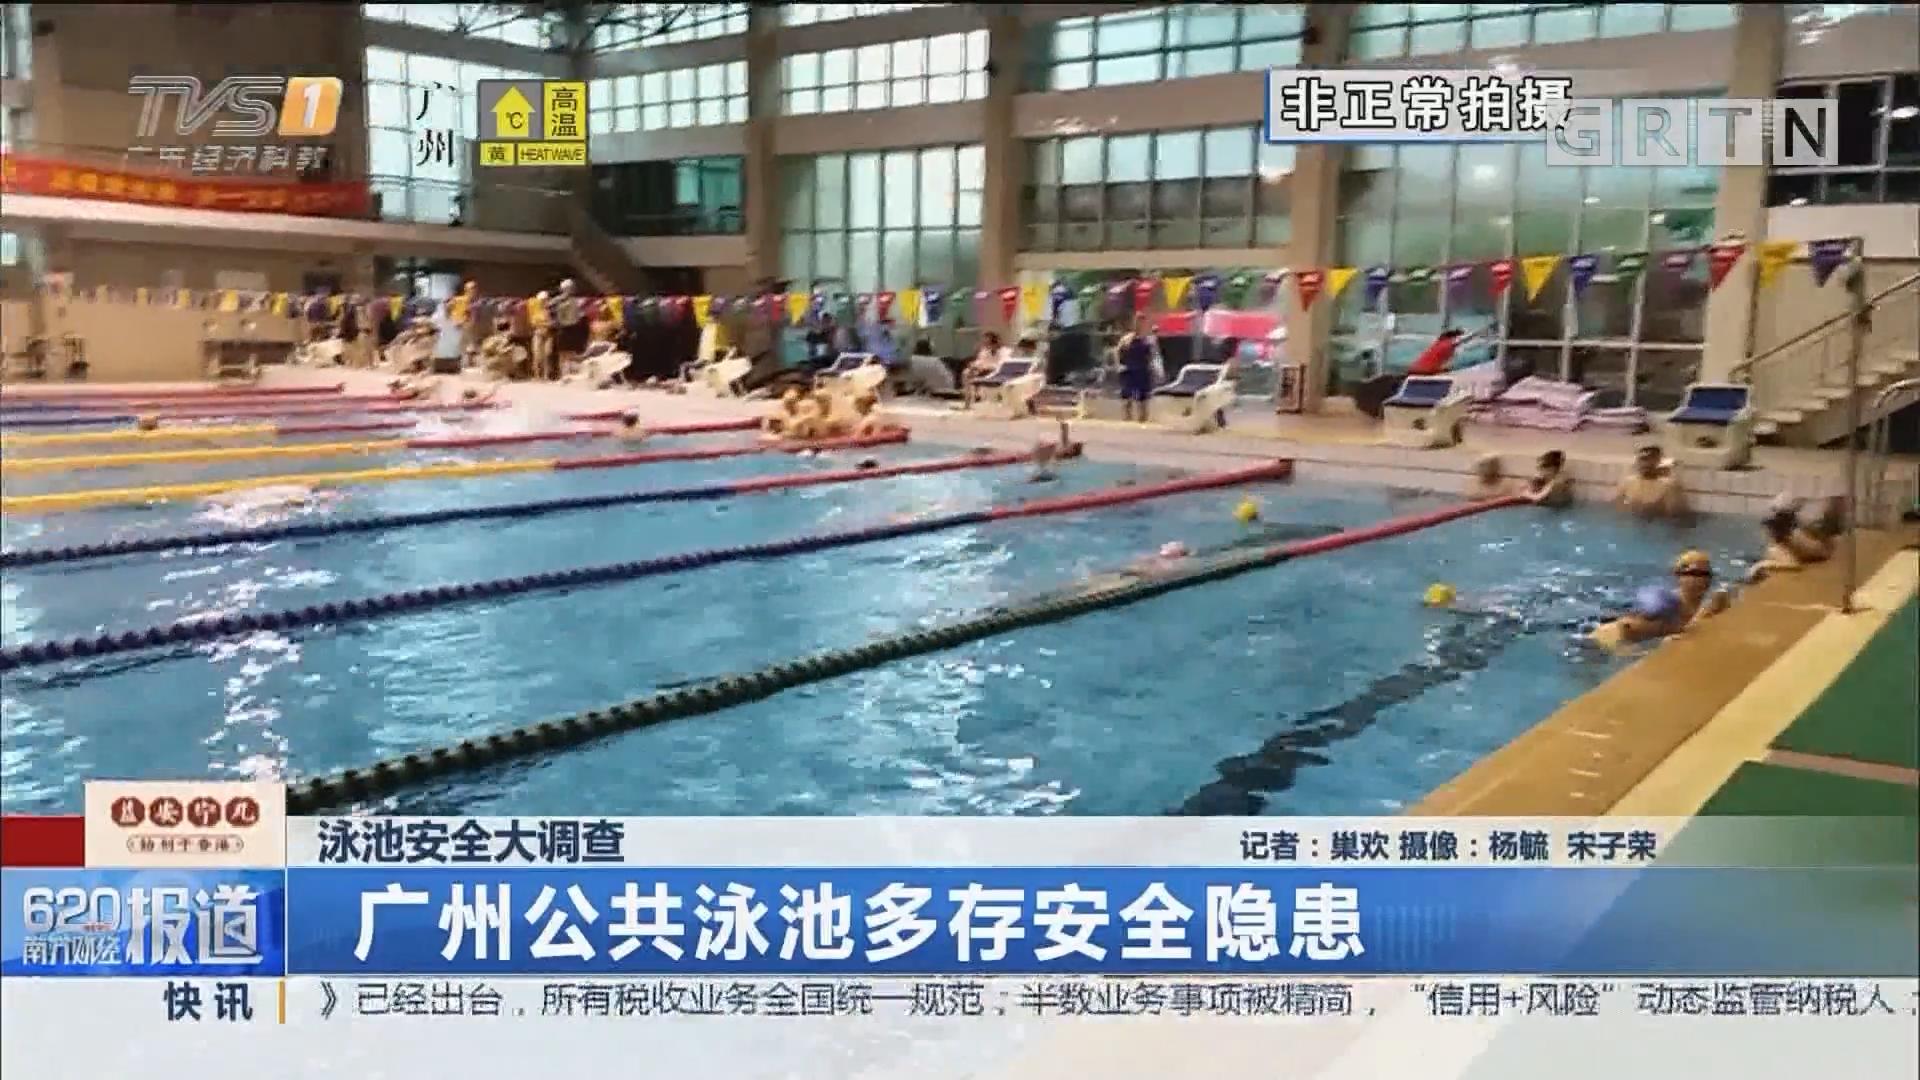 泳池安全大調查:廣州公共泳池多存安全隱患